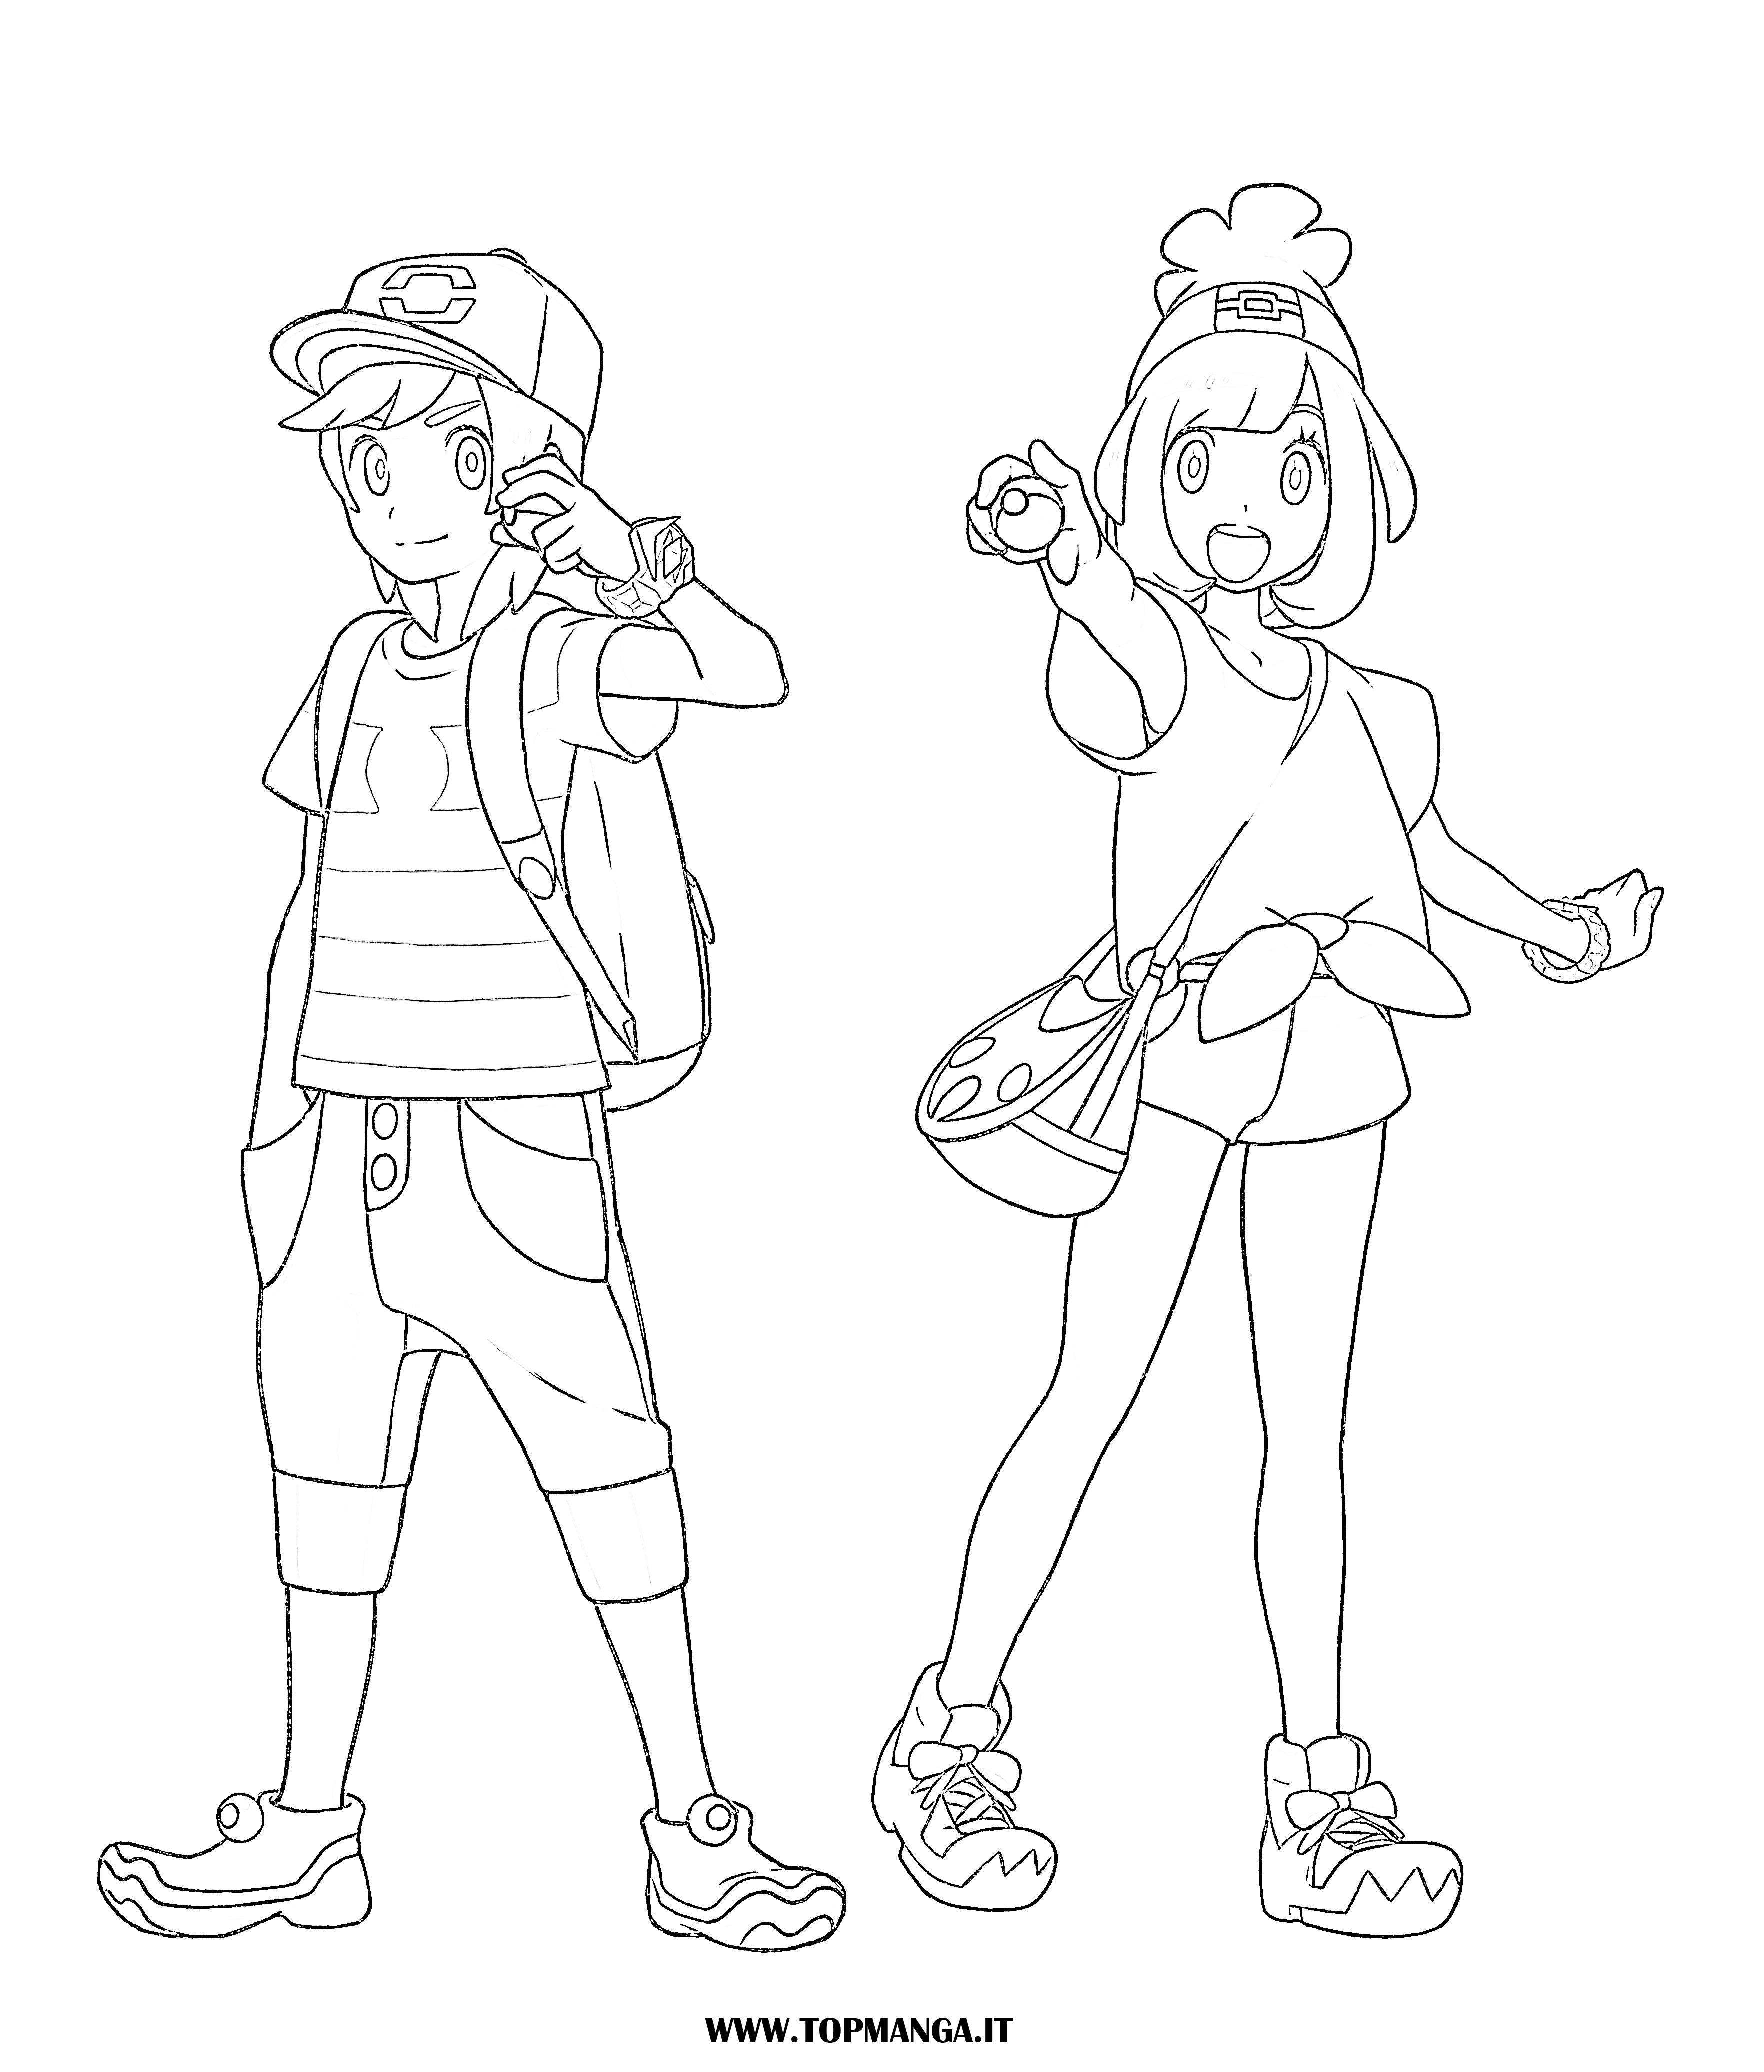 Immagini da colorare di pokemon topmanga anime e manga for Immagini di polipi da colorare